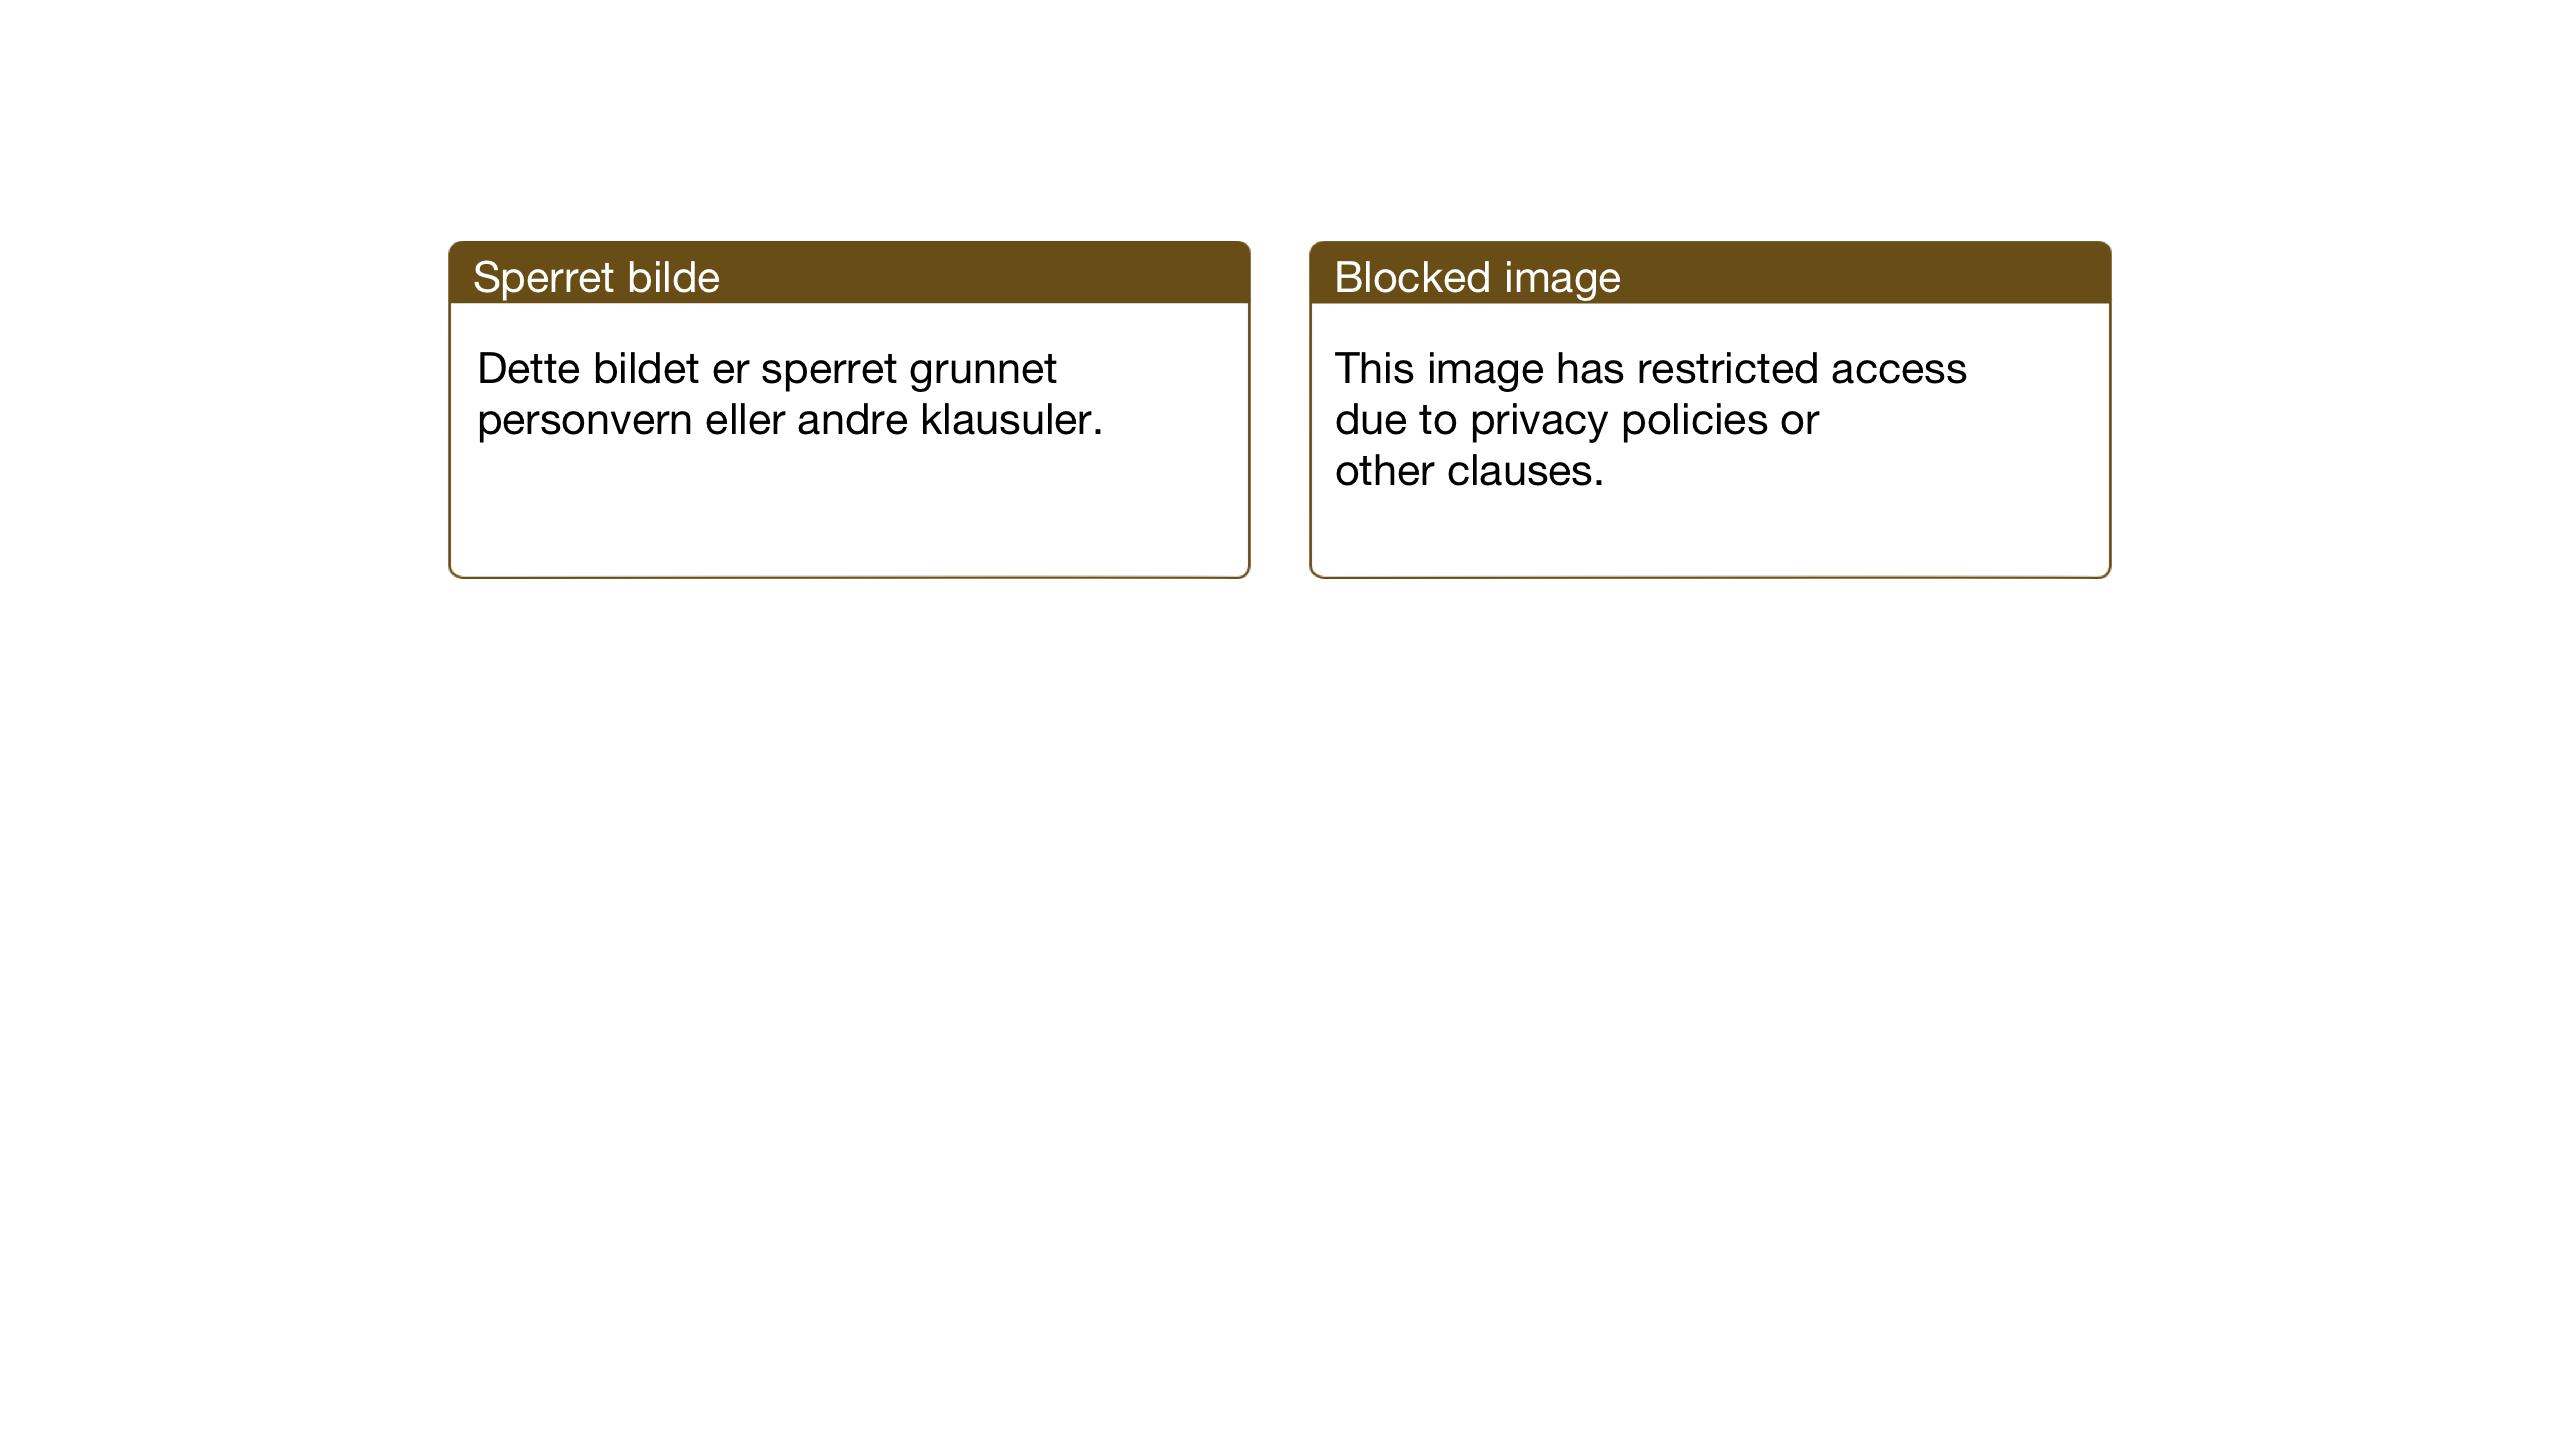 SAT, Ministerialprotokoller, klokkerbøker og fødselsregistre - Sør-Trøndelag, 607/L0328: Klokkerbok nr. 607C02, 1940-1948, s. 85